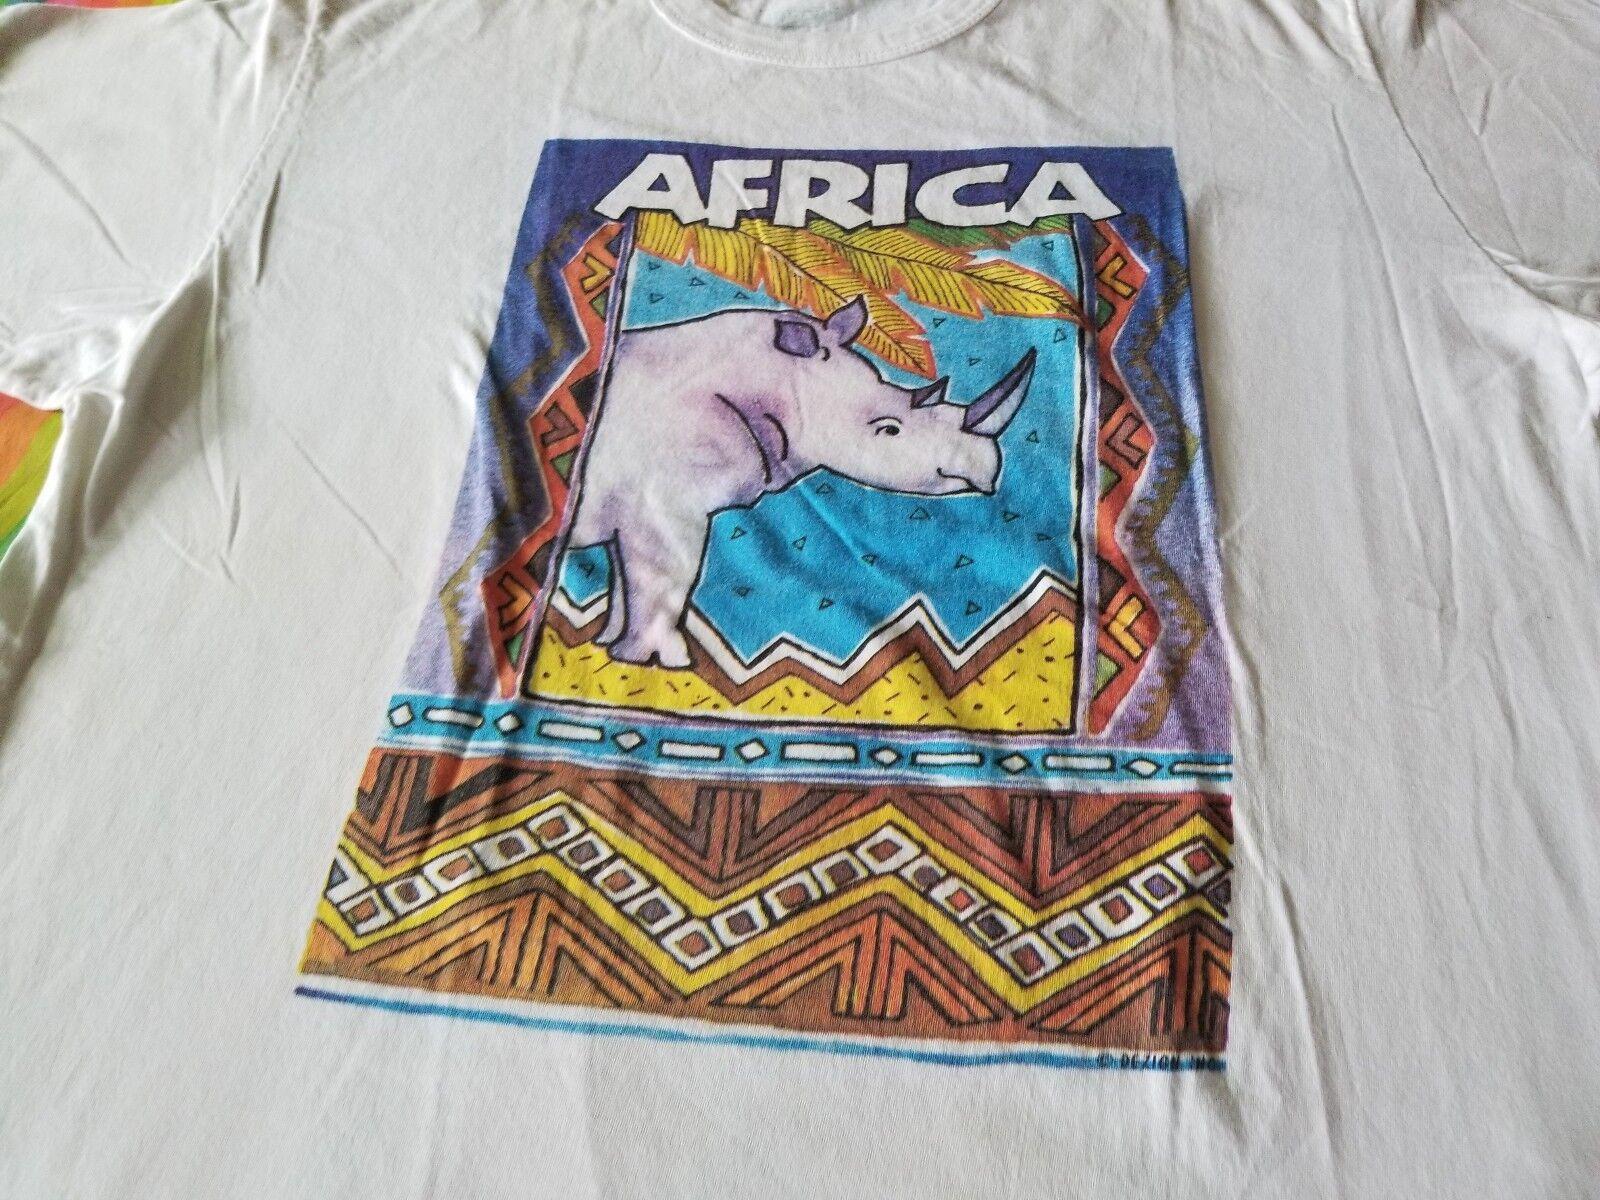 AFRICA RHINOCEROS VINTAGE TEE SHIRT XL COOL CLEAN WILDLIFE